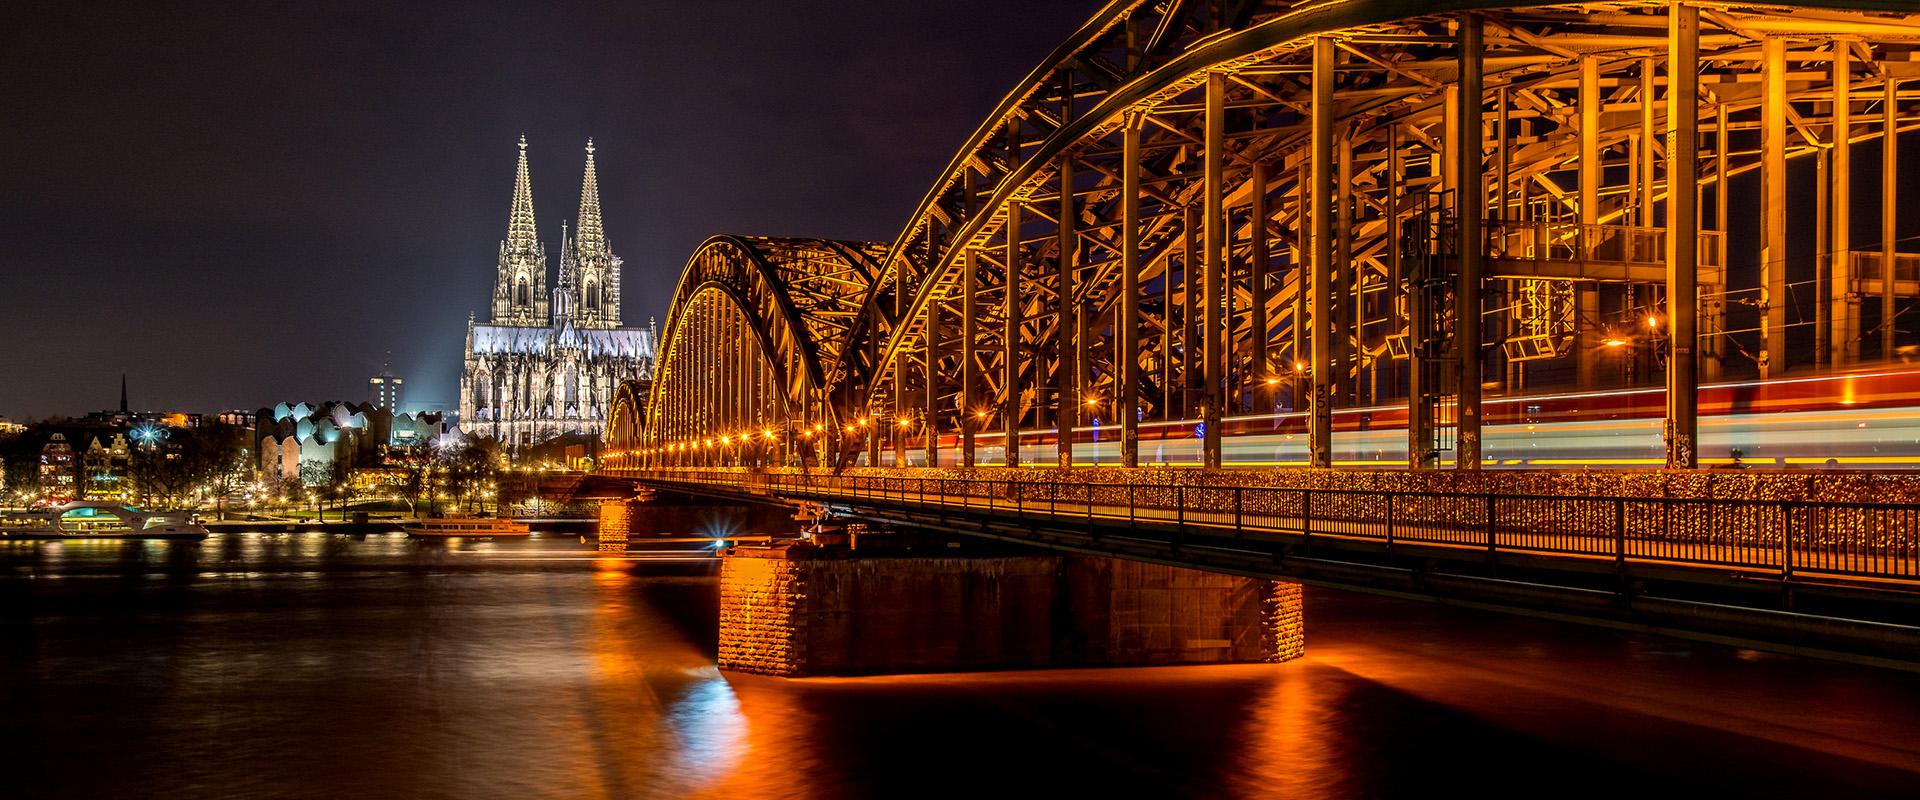 Koeln_bridge-3138481_800